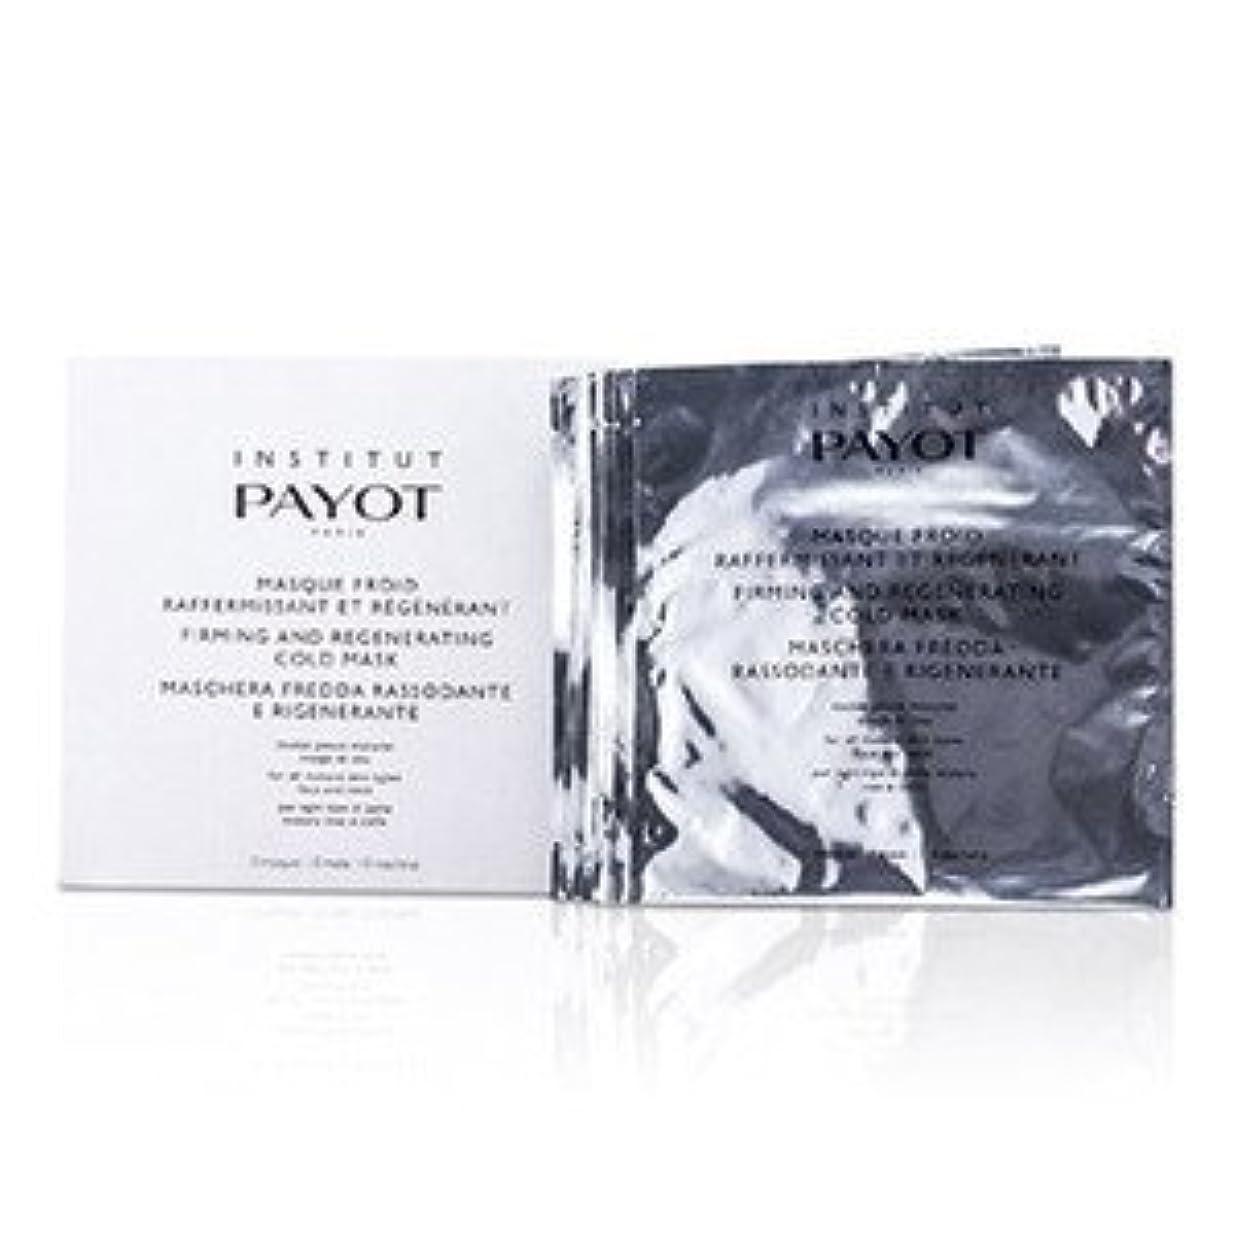 ガロン北西厚いPayot ファーミング&リジェネレーティング コールド マスク 10枚入り [並行輸入品]